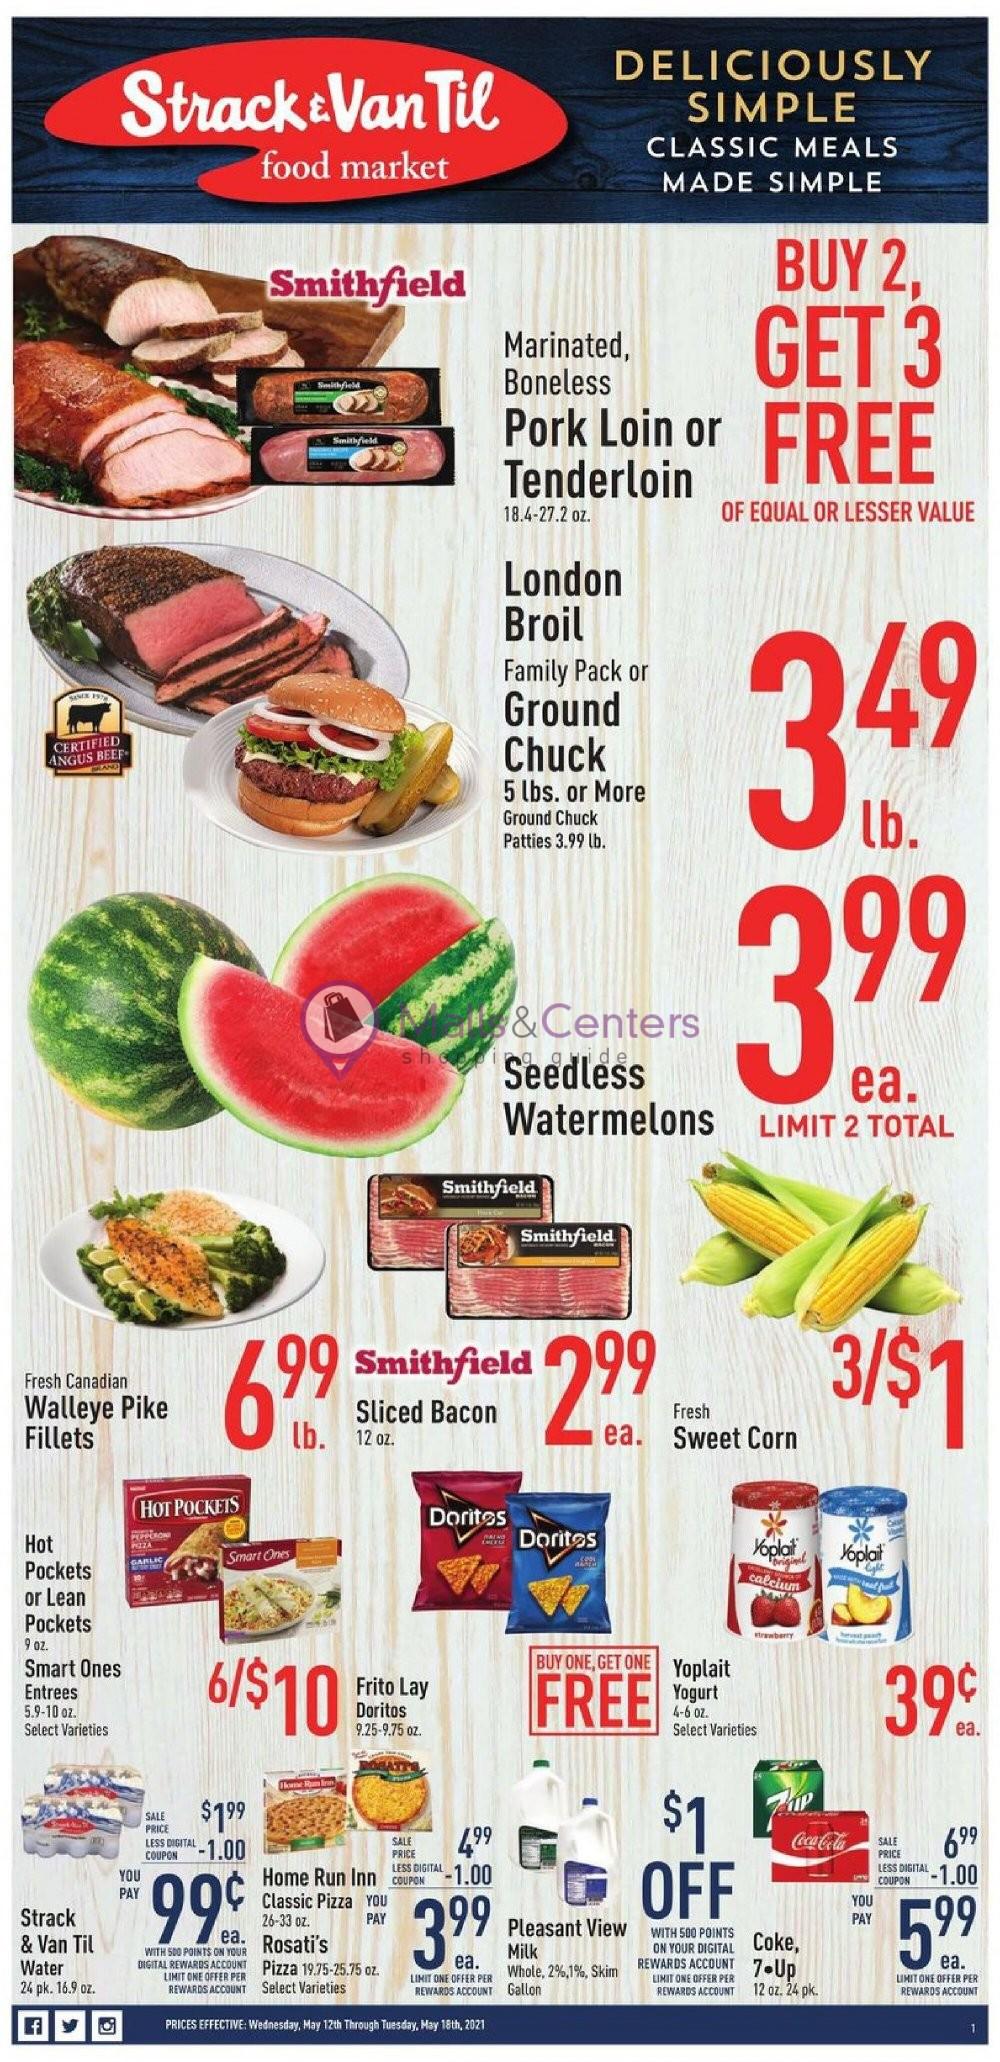 weekly ads Strack & Van Til - page 1 - mallscenters.com